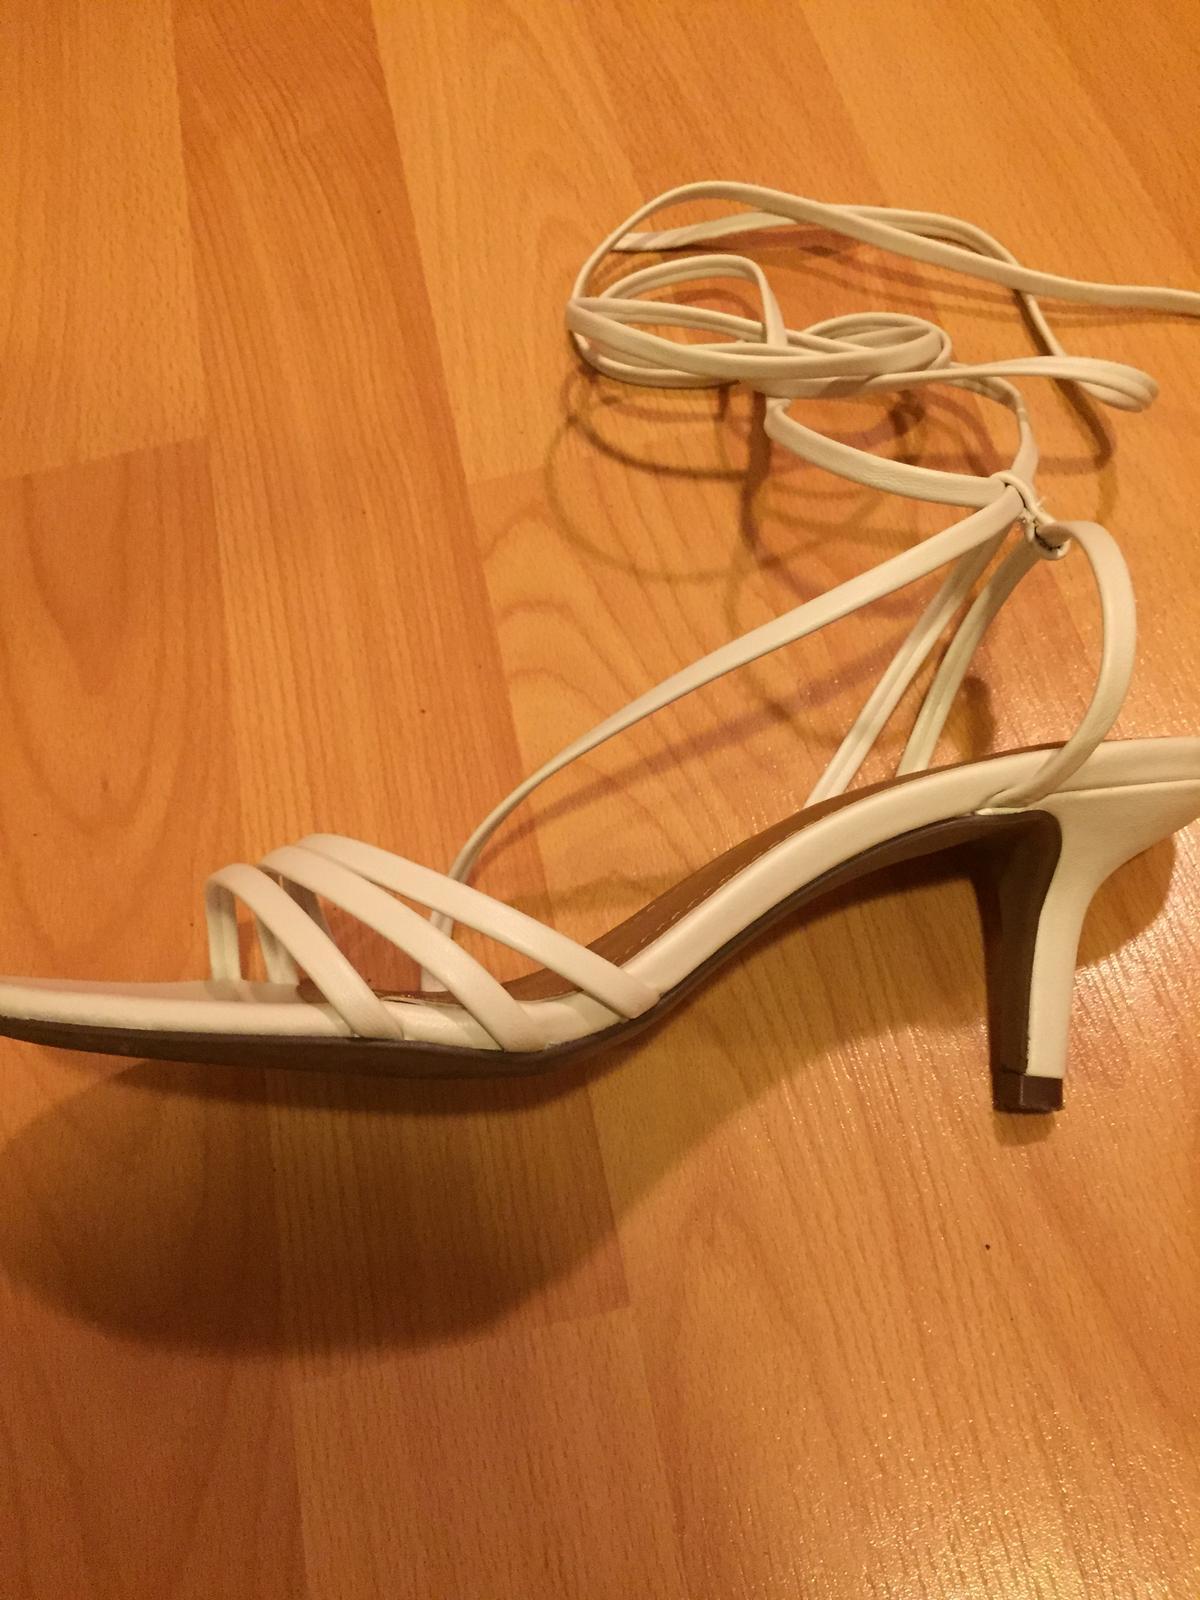 Elegantní bílé sandálky  - Obrázek č. 1